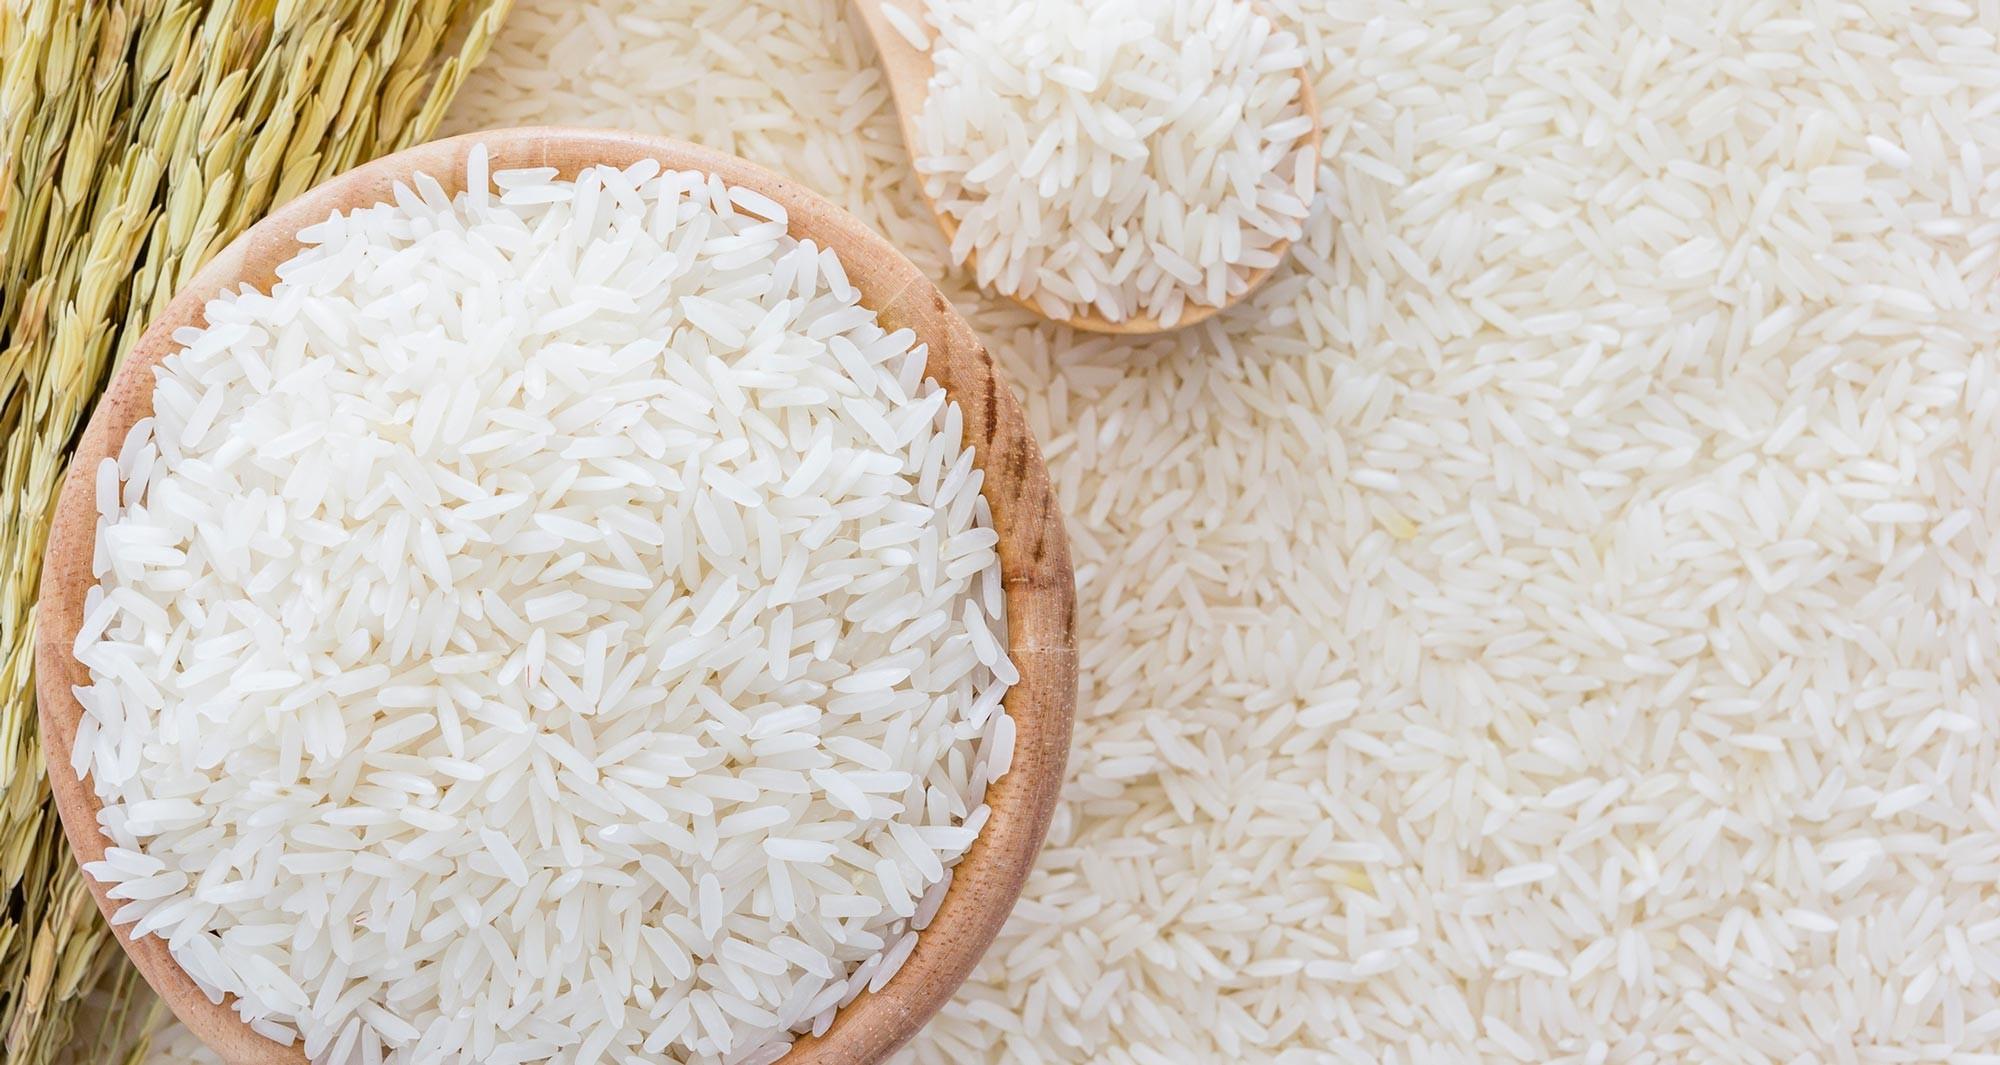 Giá gạo xuất khẩu của Việt Nam tiếp tục tăng 2021032708012232109